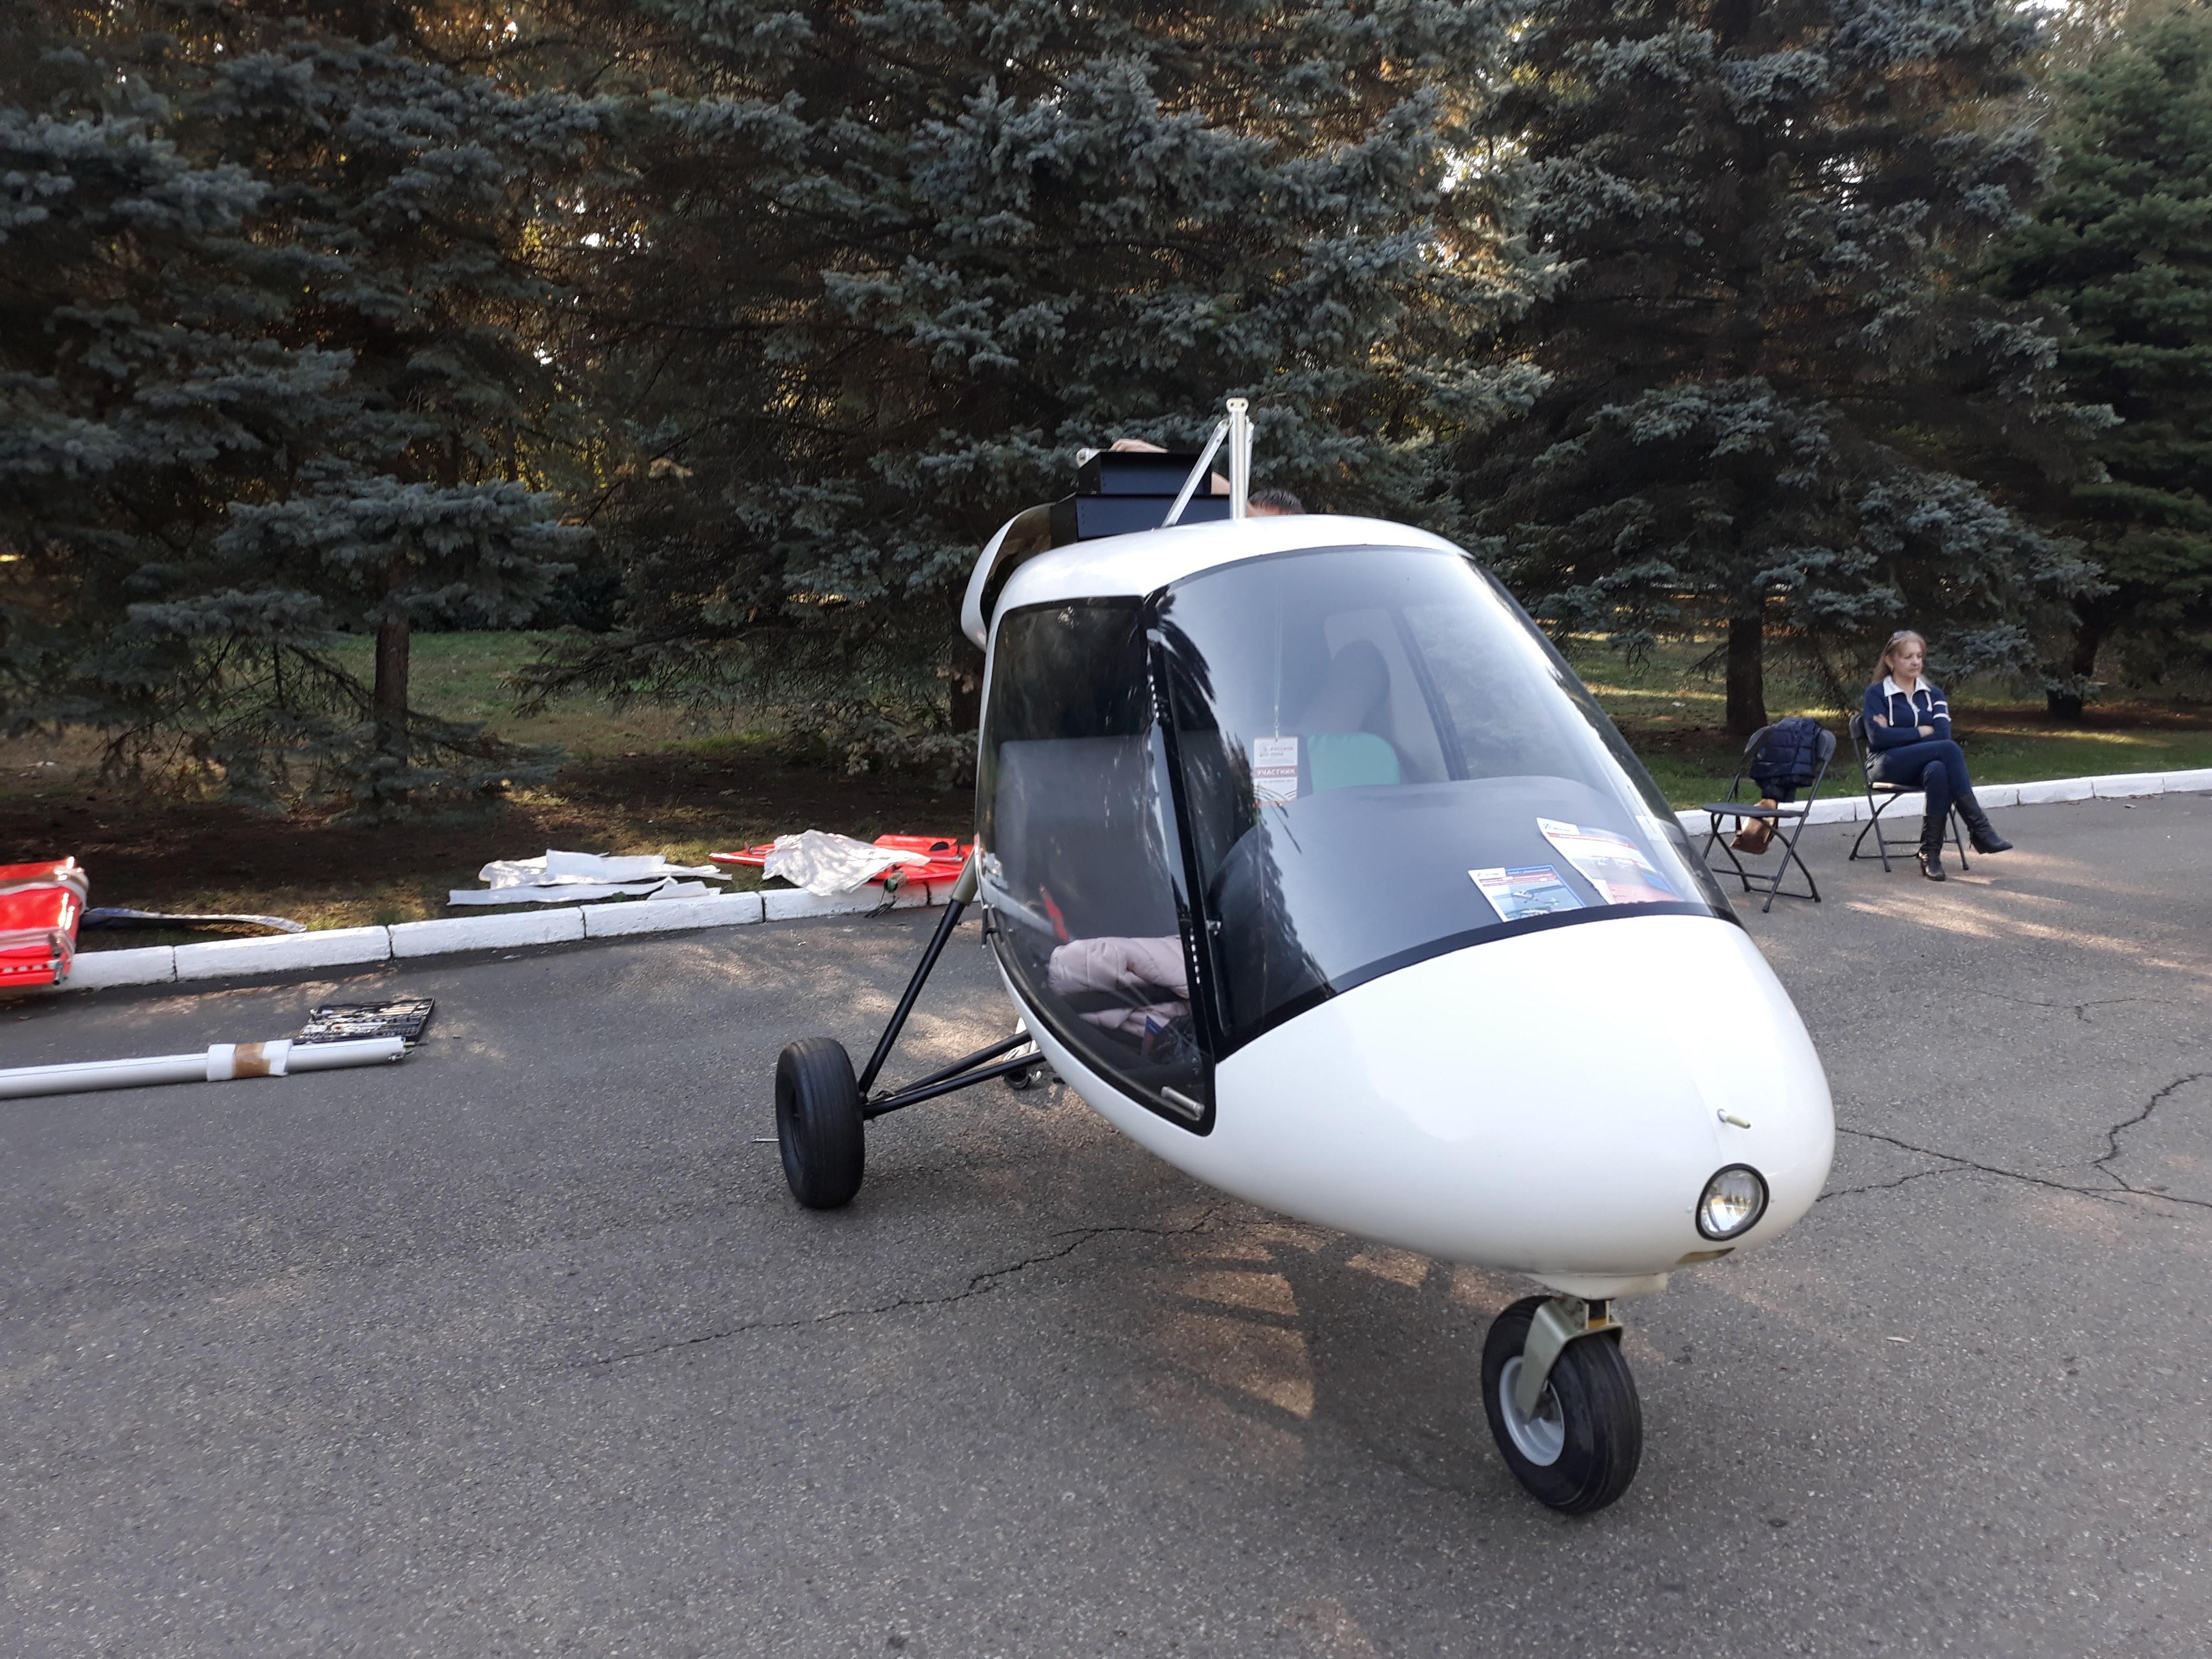 Самолёт Птенец-3 разобран